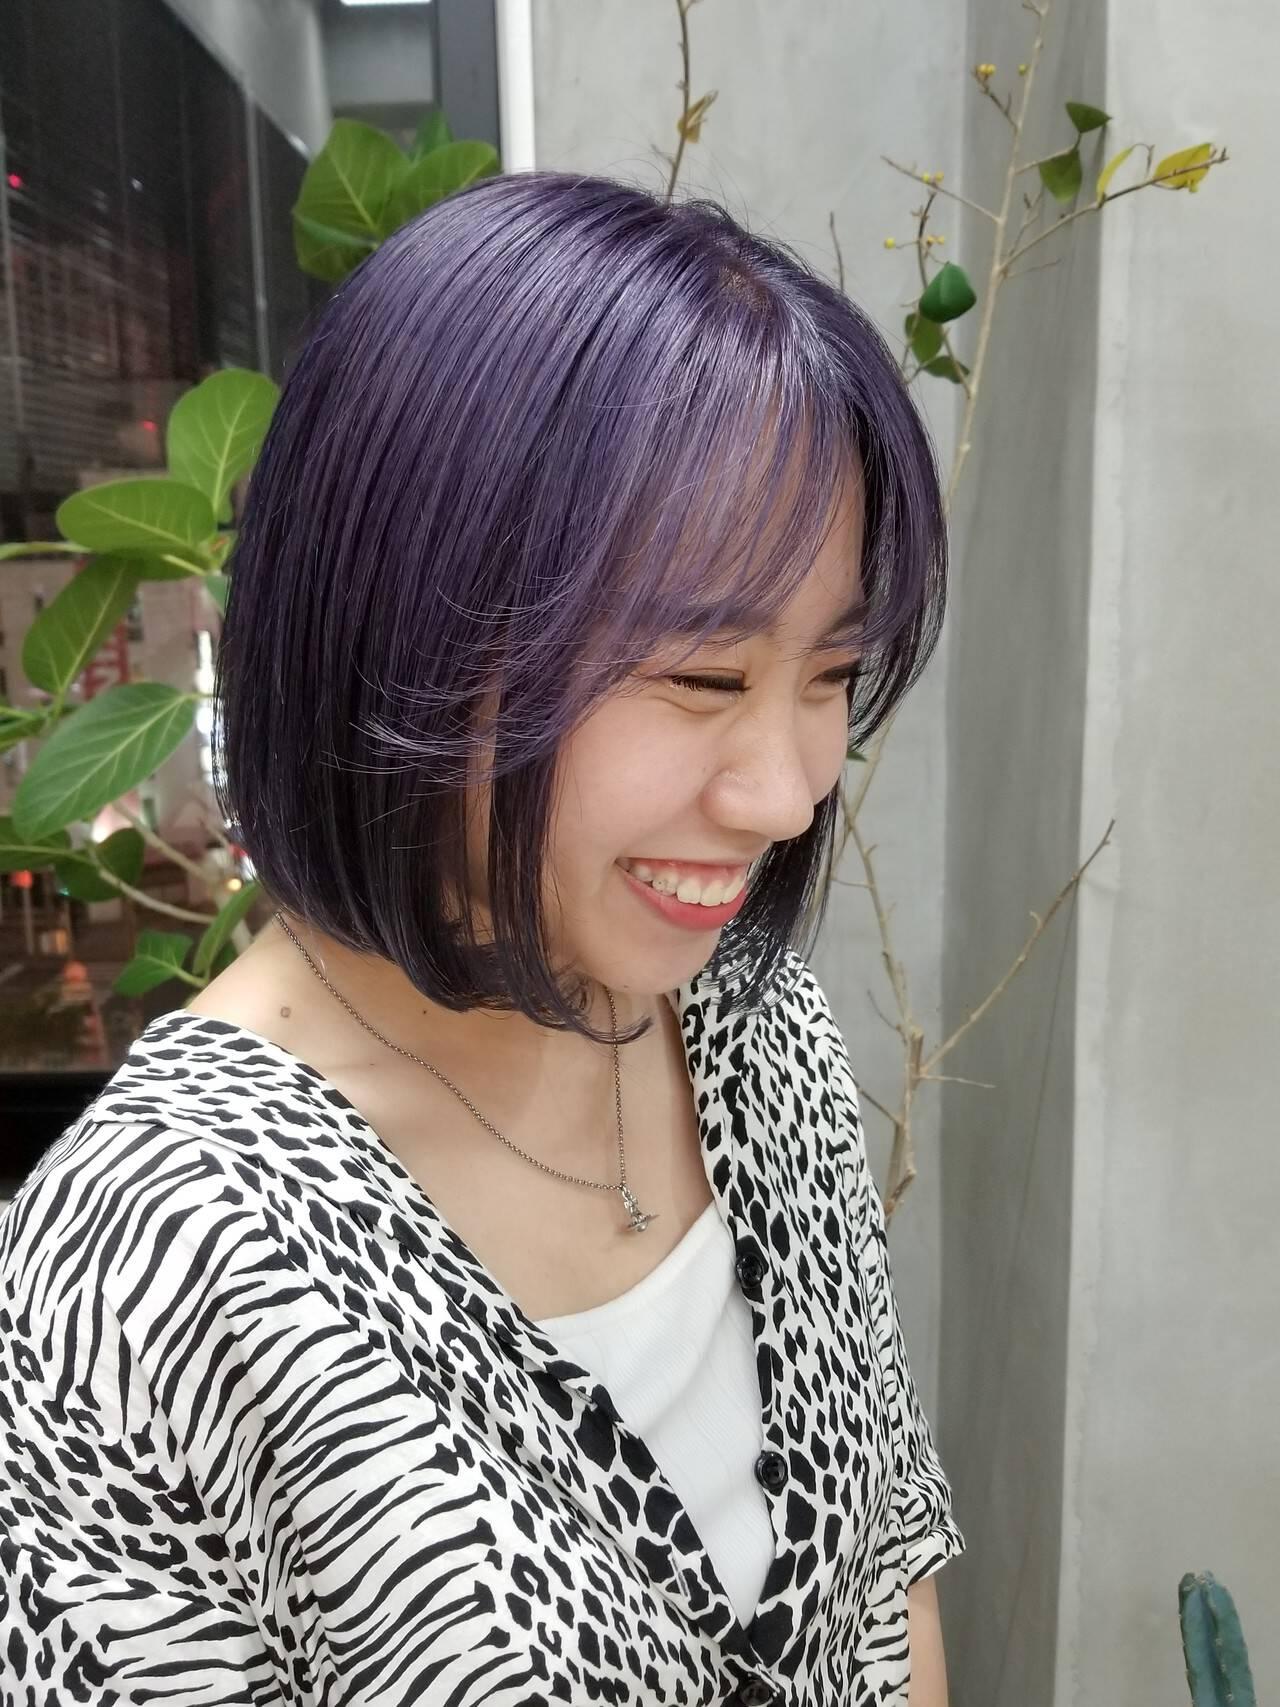 ラベンダーカラー ボブ 韓国ヘア ストリートヘアスタイルや髪型の写真・画像